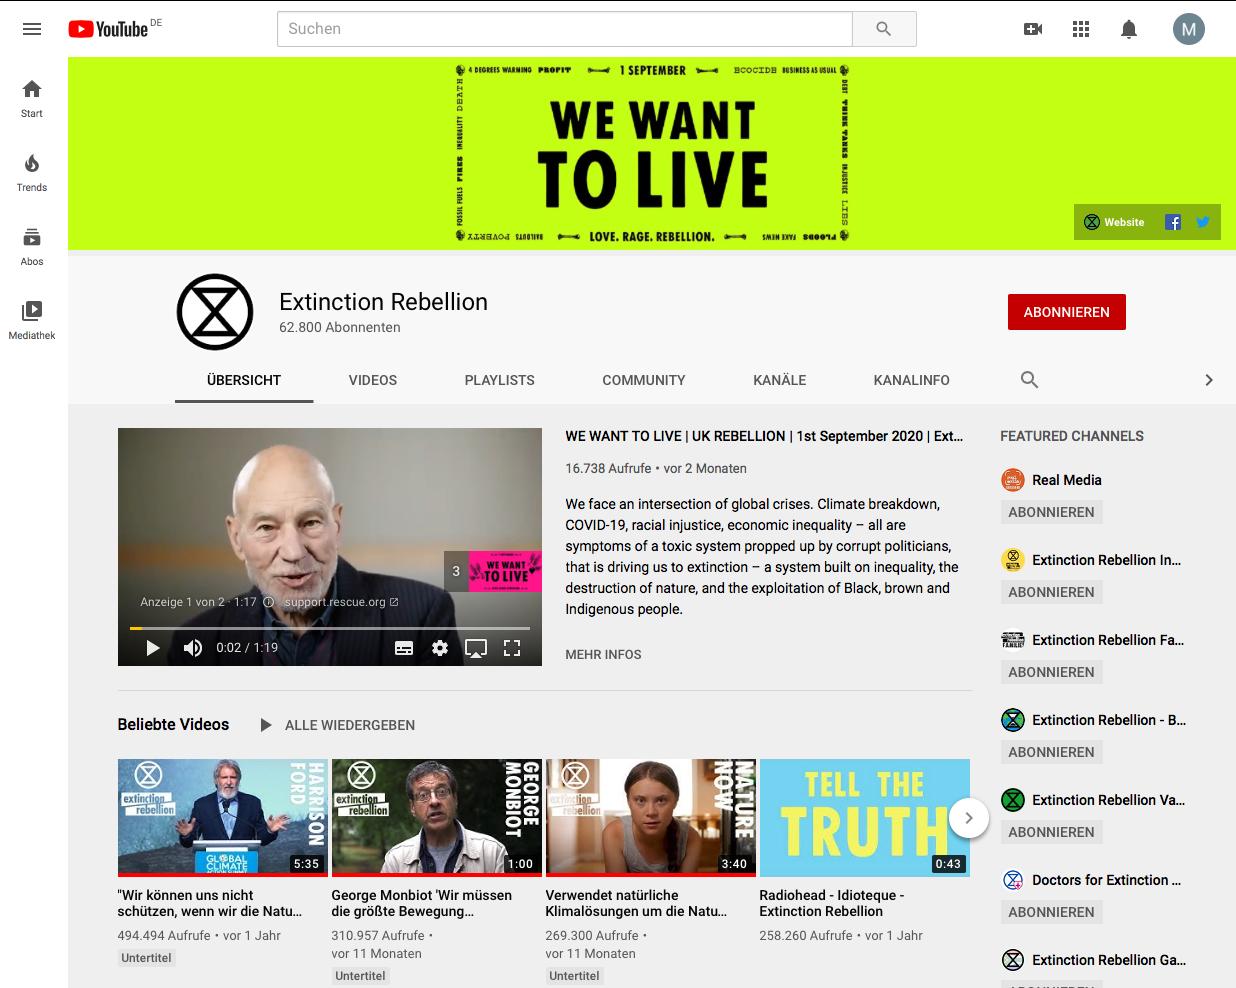 Abb. 28: Screenshot des Youtube-Kanals der Extinction Rebellion am 9.9.2020